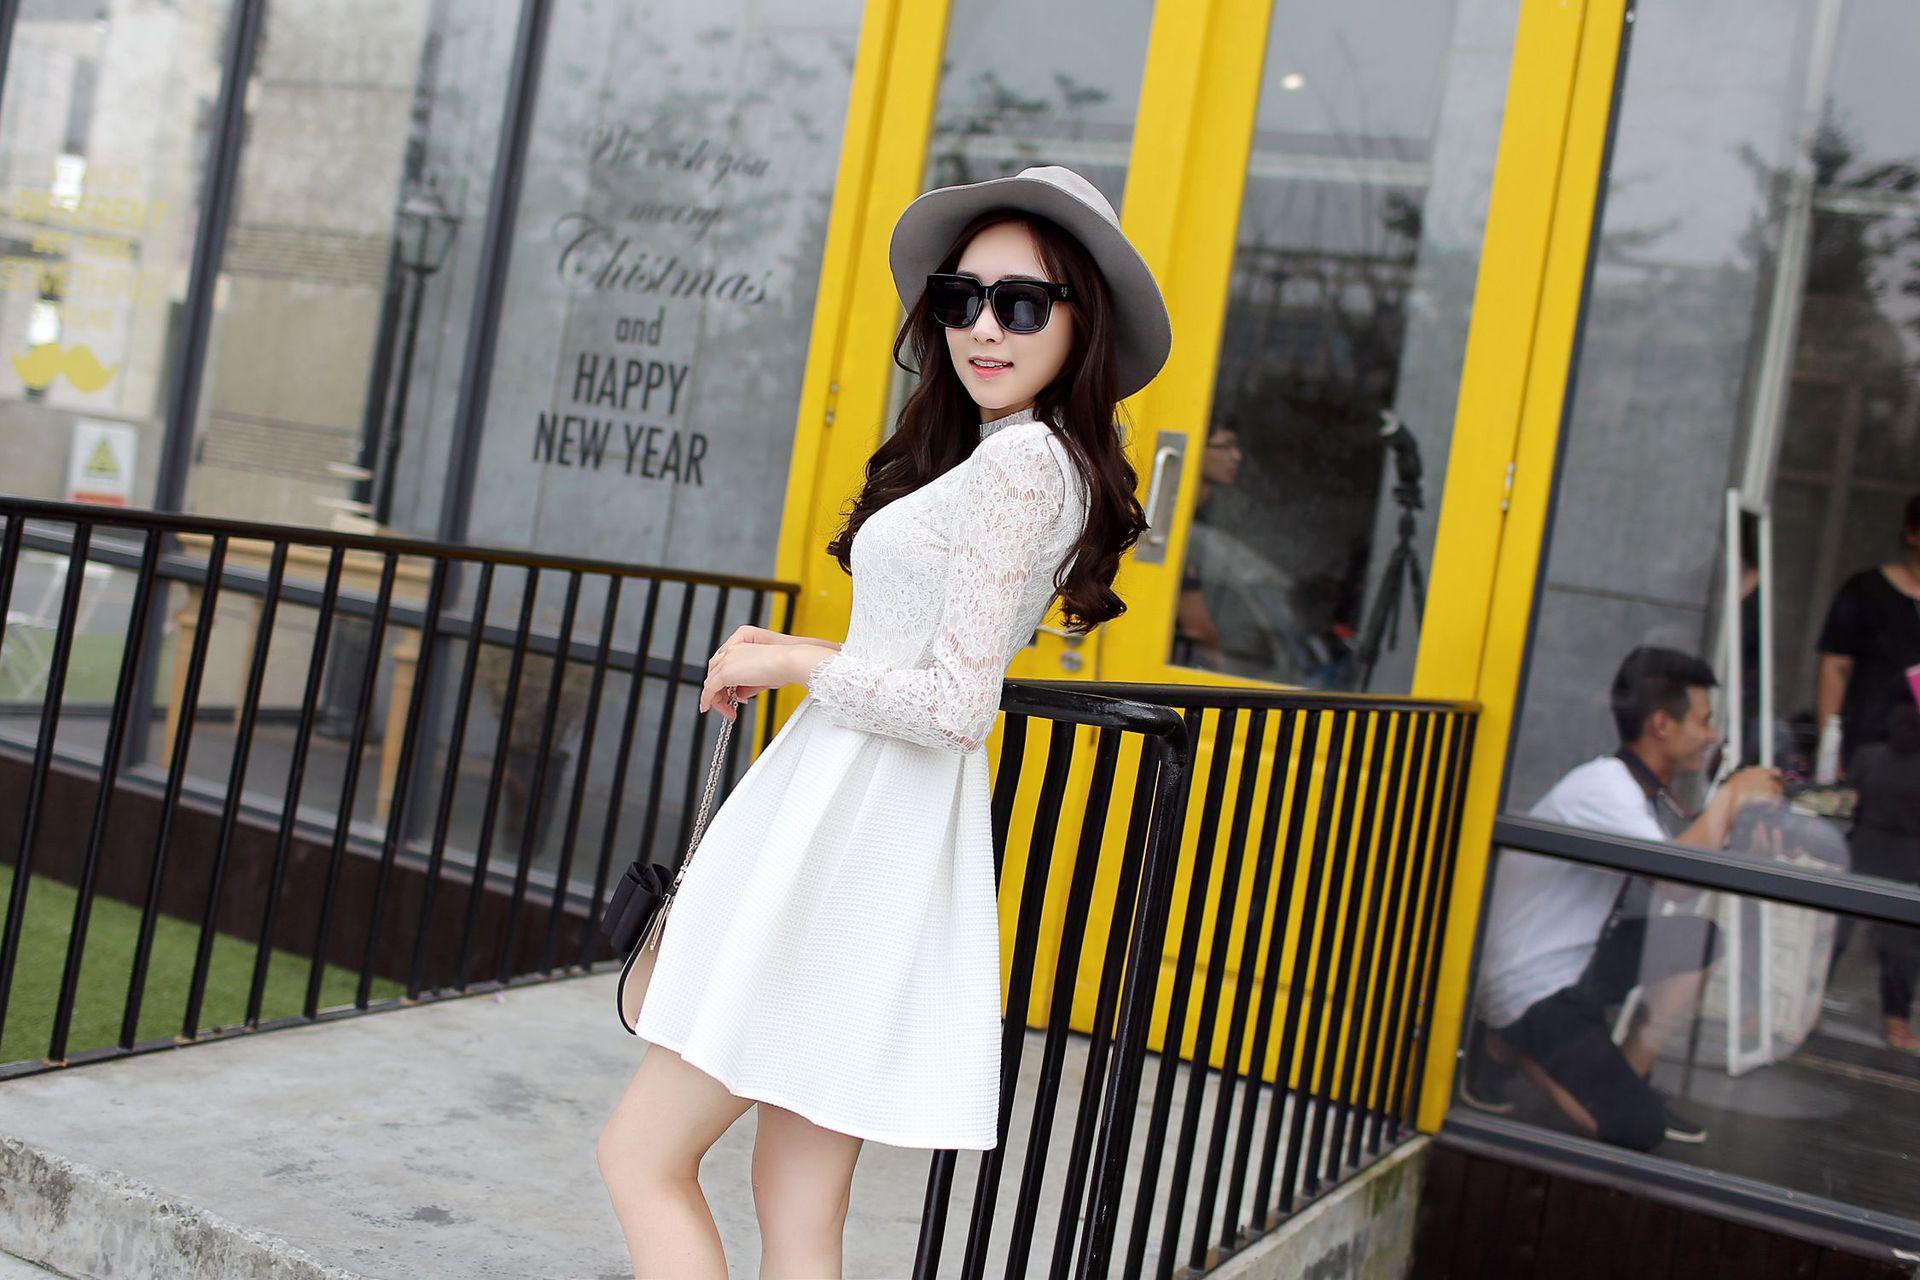 ชุดเดรสสั้นสีขาว เสื้อลูกไม้แขนยาว เย็บติดกับกระโปรงจีบทวิสเก๋ๆ แนวคุณหนู เรียบร้อย สวยหรู ดูดี สไตล์เกาหลี ราคาถูก